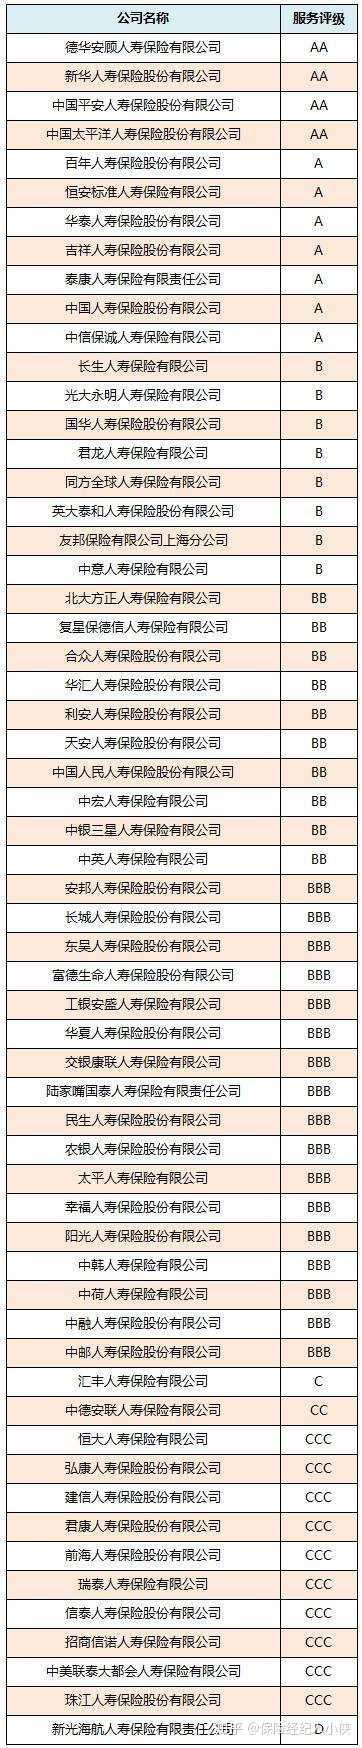 保险公司领导班子剖析材料【精选】